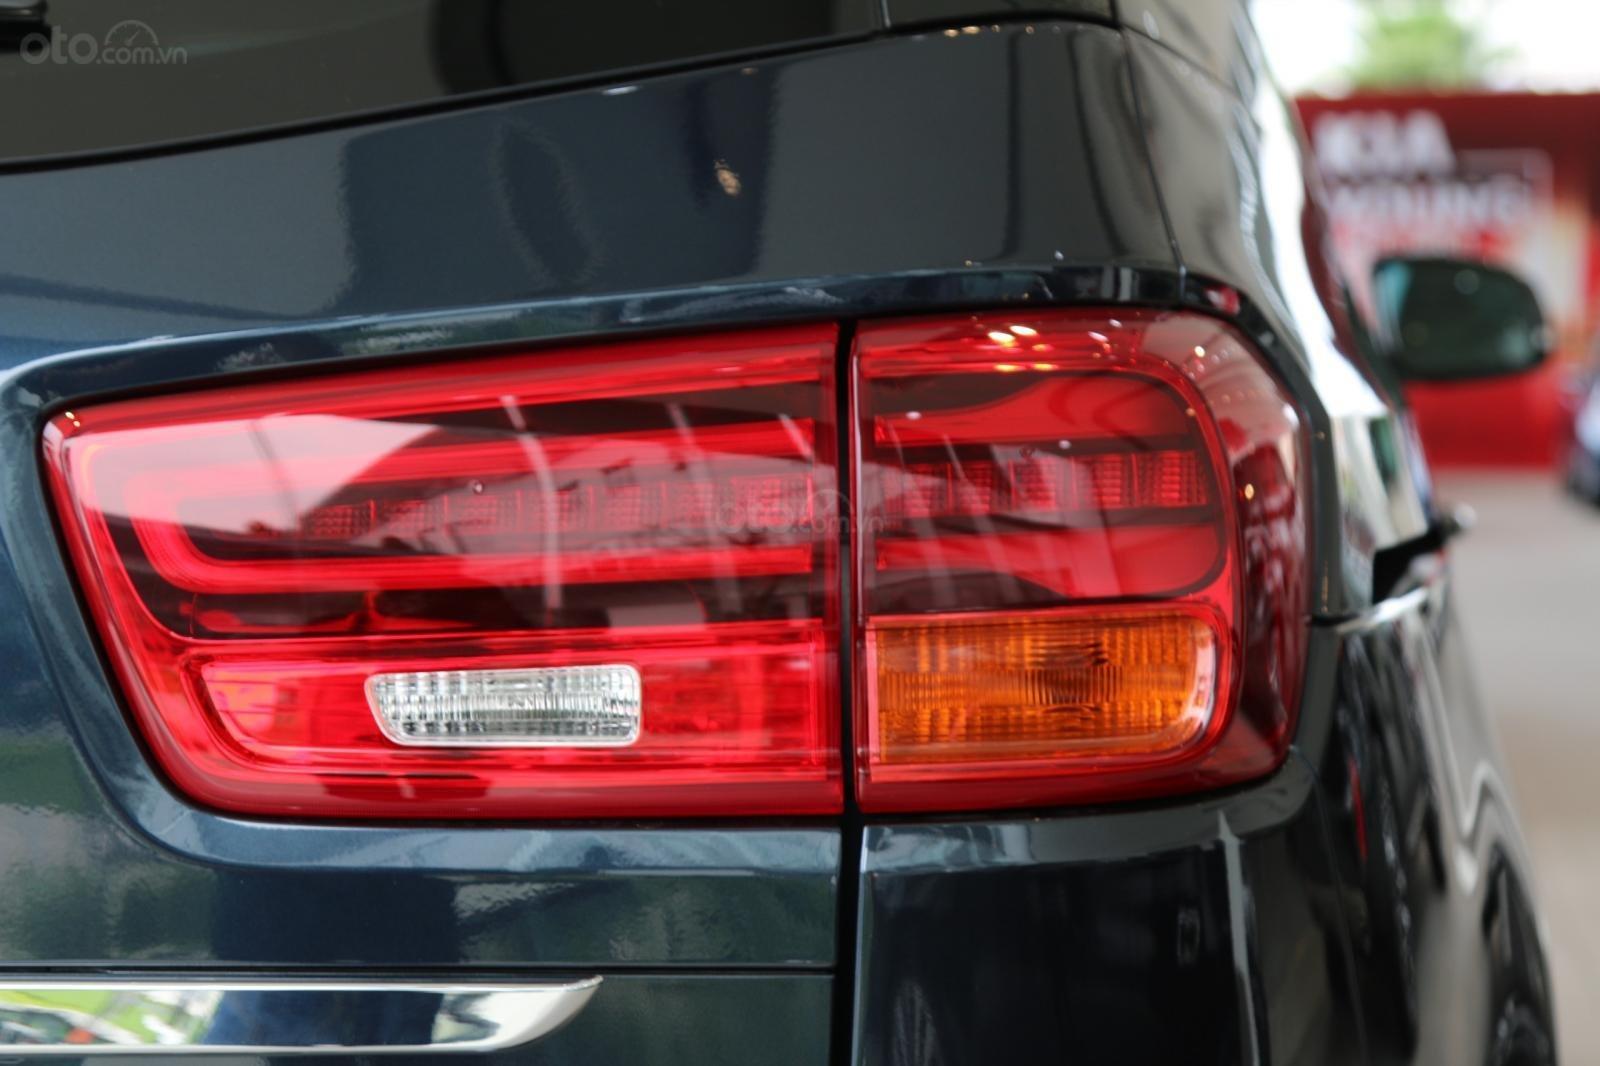 Kia Sedona - giảm giá tiền mặt / tặng bảo hiểm + camera hành trình - liên hệ PKD Kia Bình Tân 093 317 0660 (9)